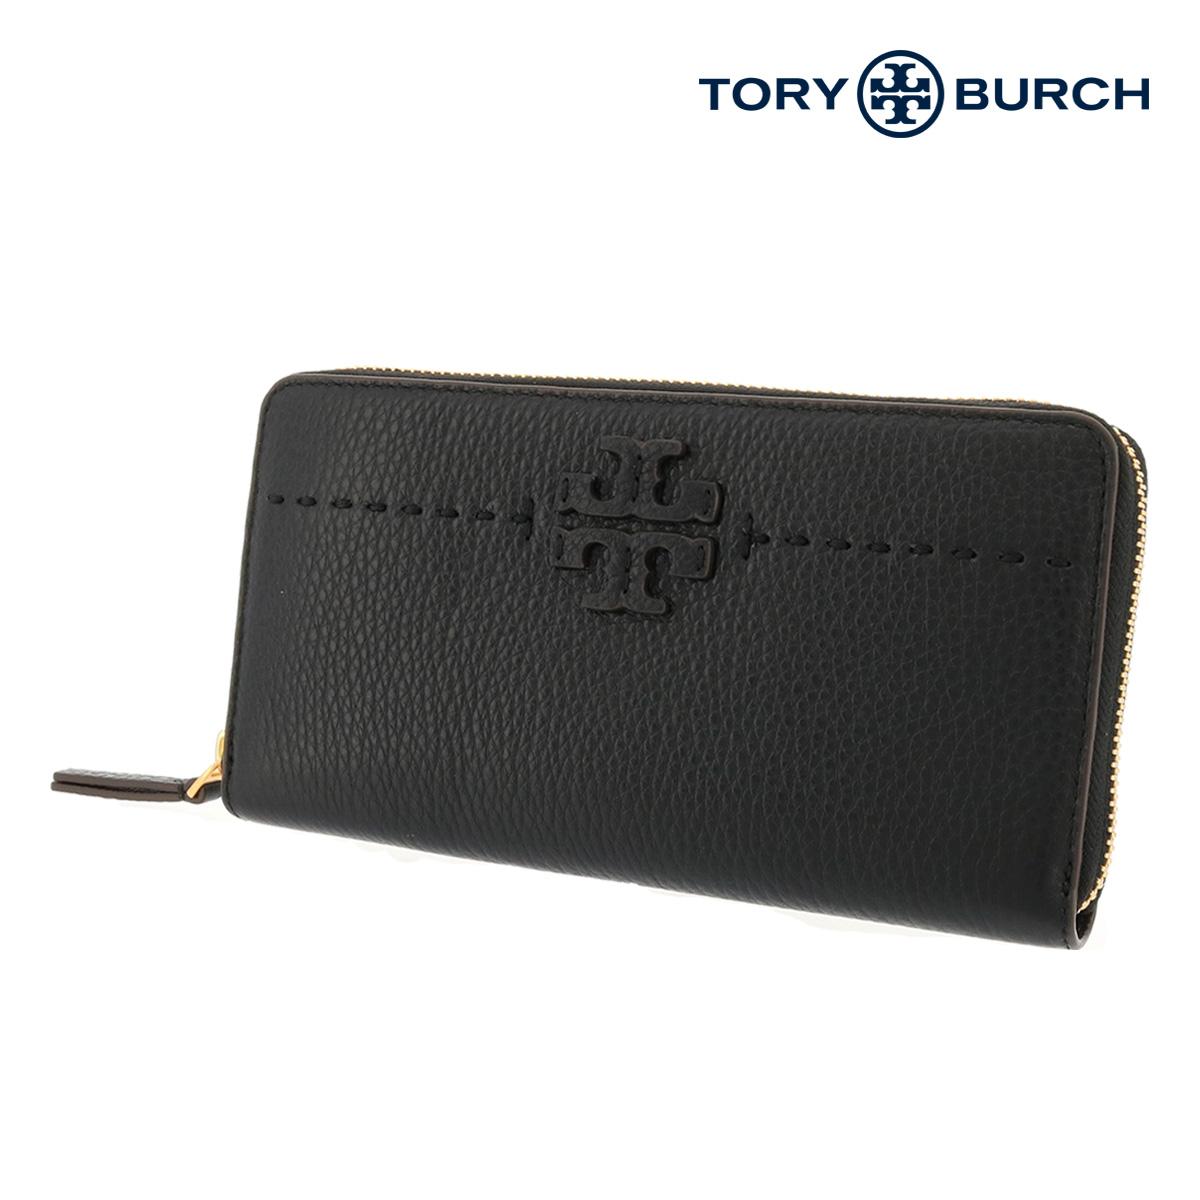 トリーバーチ 長財布 ラウンドファスナー レディース McGRAW 41847 TORY BURCH | 本革 レザー